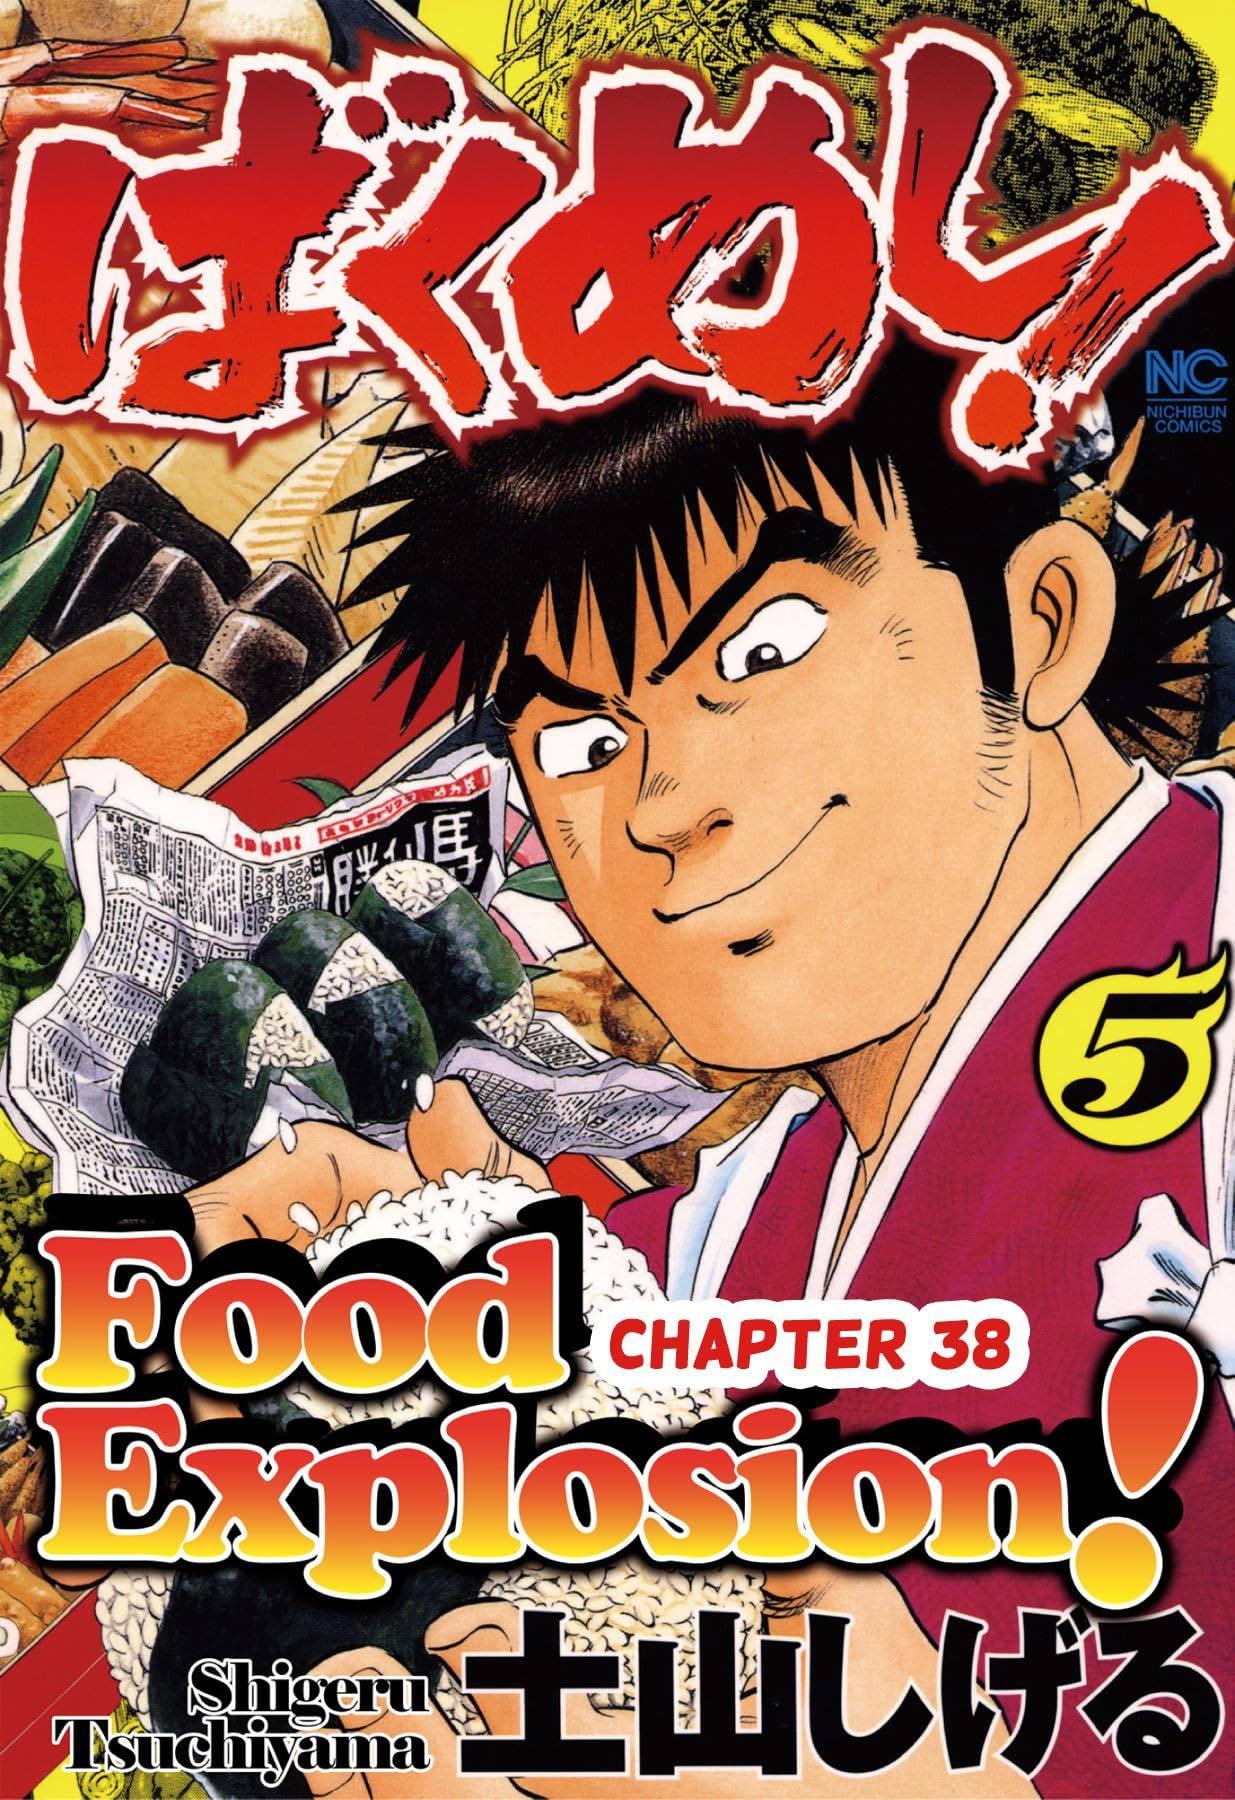 FOOD EXPLOSION #38